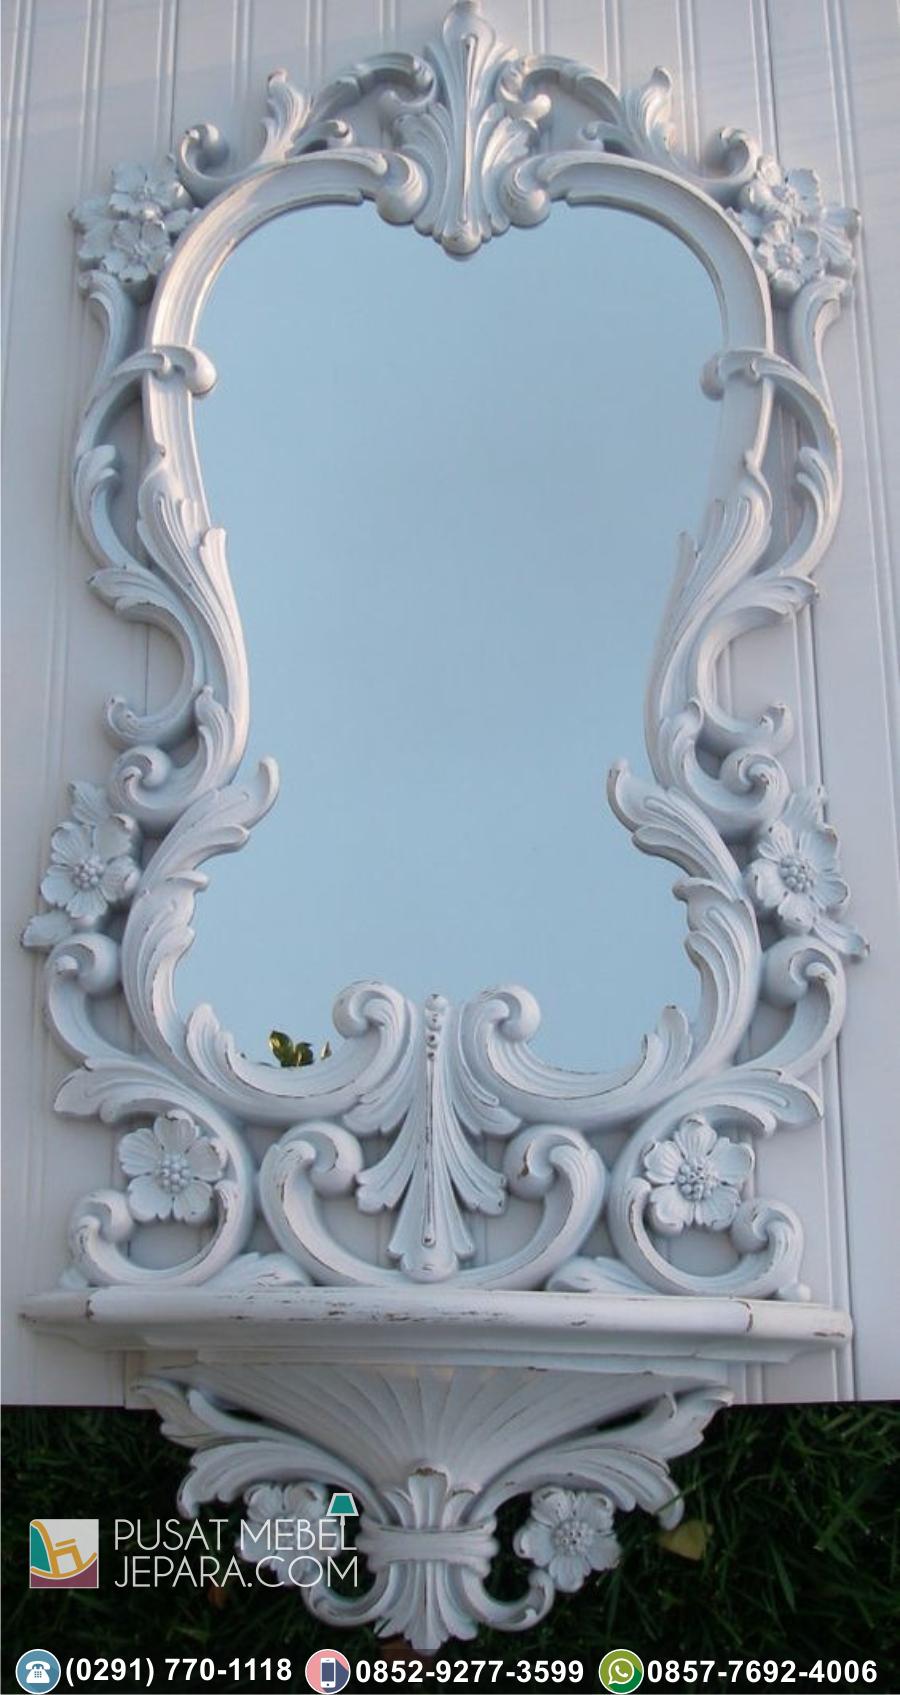 Bingkai Frame Pigura Cermin Ukir Minimalis Kediri Terlengkap